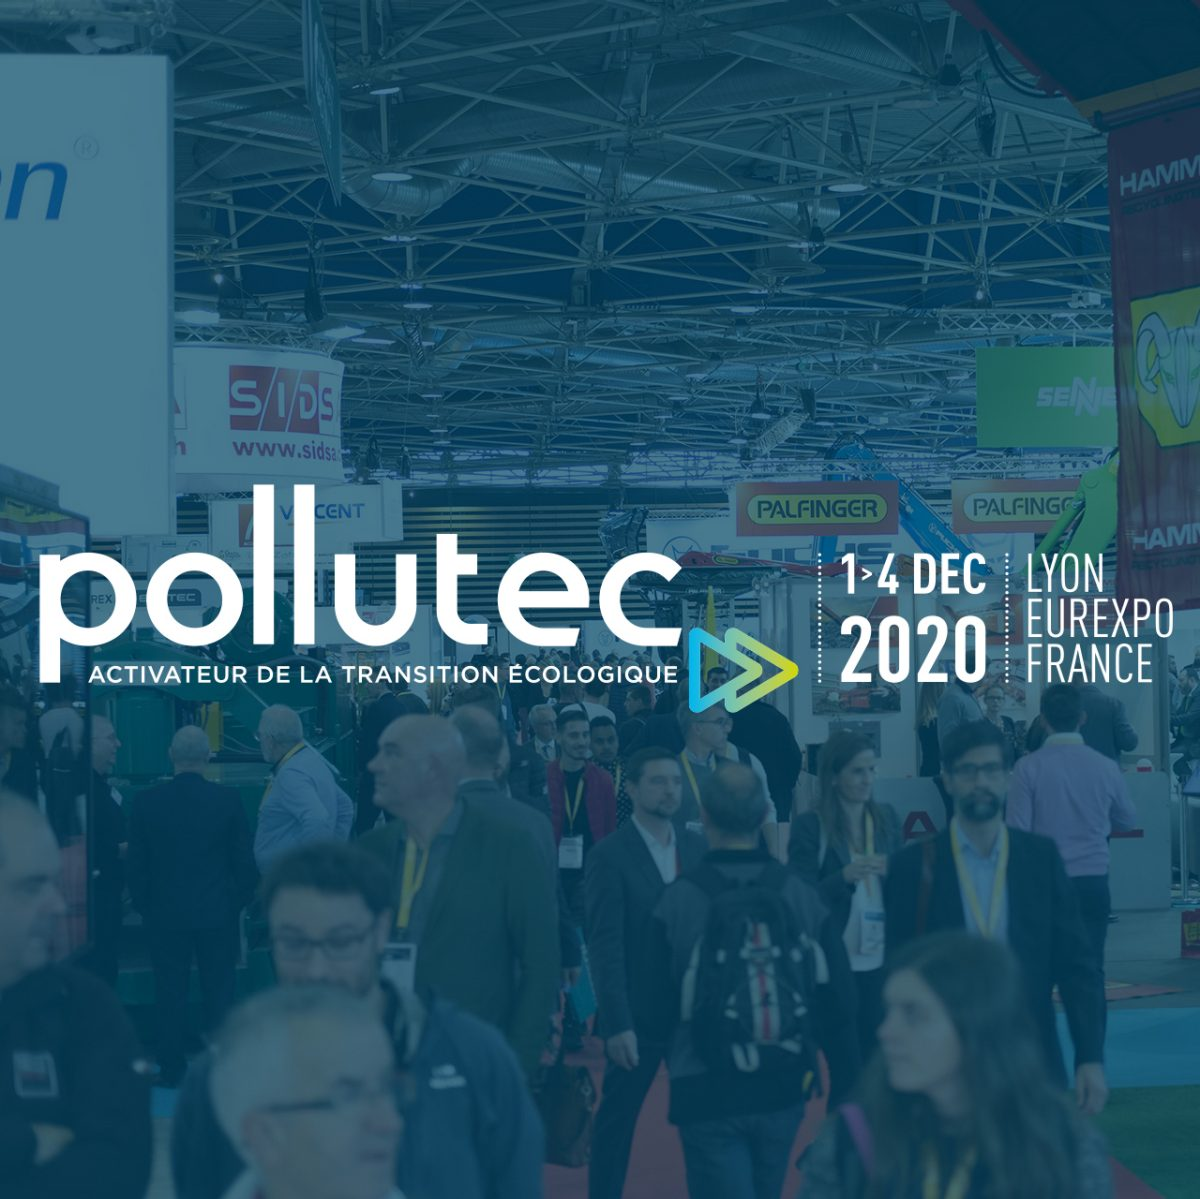 [REPORTÉ] Salon Pollutec 2020 @ Parc des Expositions EUREXPO LYON | Chassieu | Auvergne-Rhône-Alpes | France